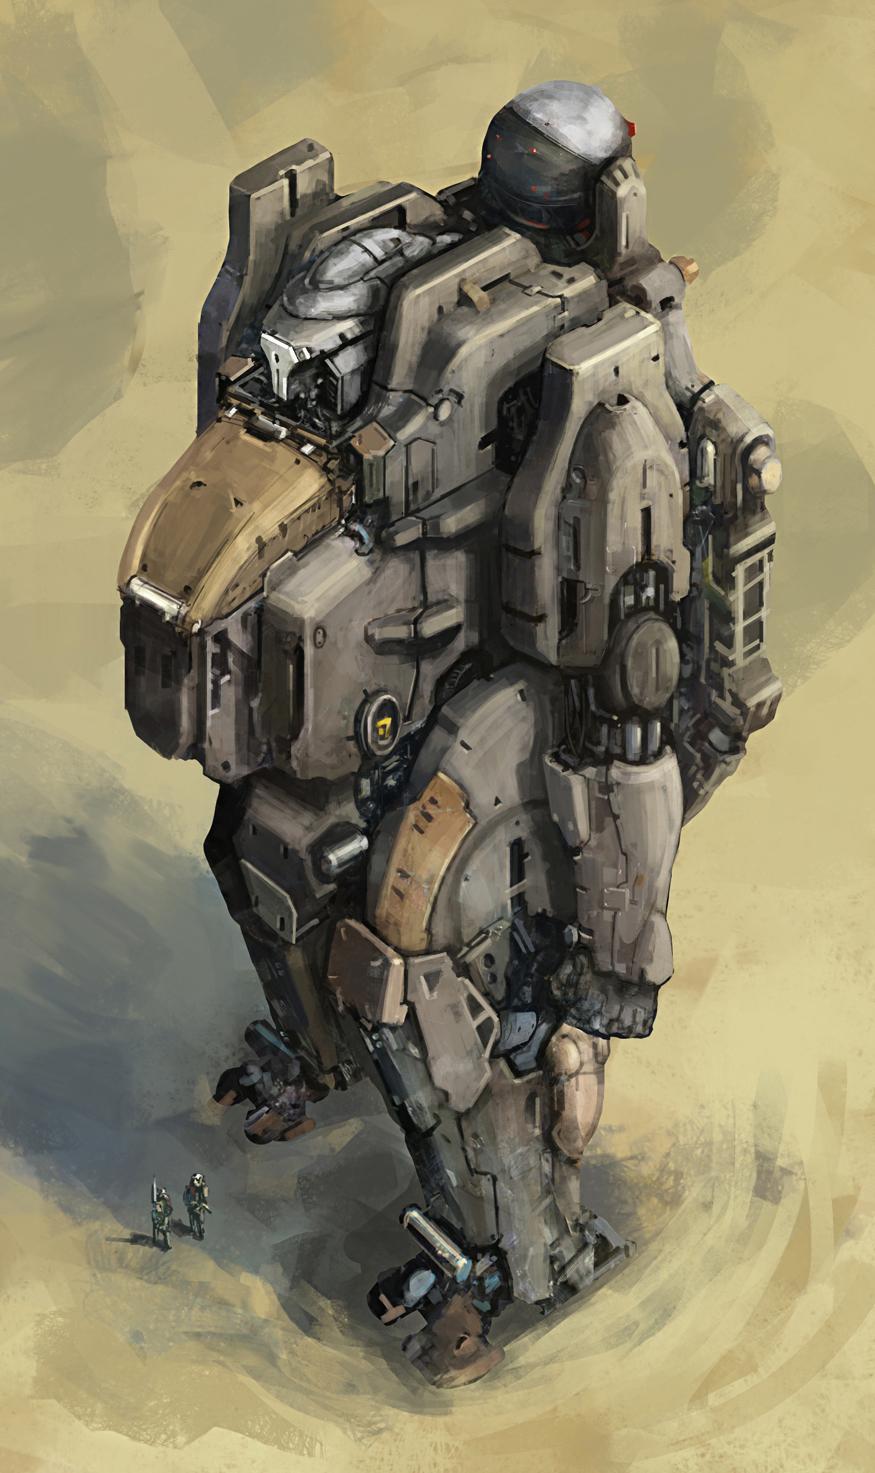 Mech Suit 2 by cjuzzz